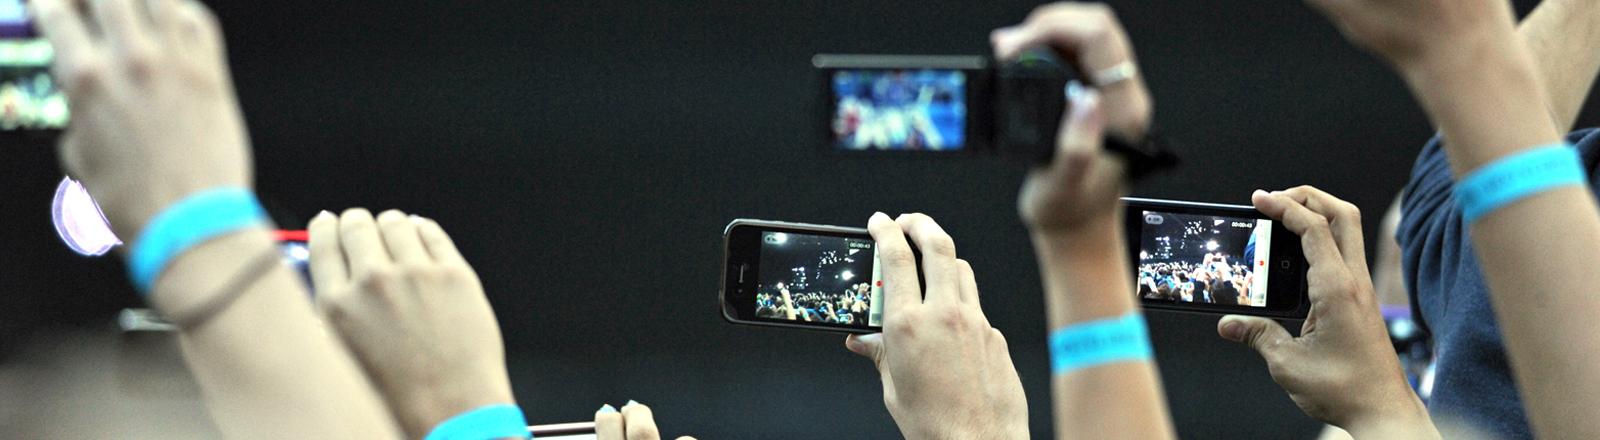 Festivalbesucher filmen am Samstag (21.07.2012) auf dem Königsplatz in München (Oberbayern) mit ihrem Handy den Auftritt von dem französischen DJ Guetta.